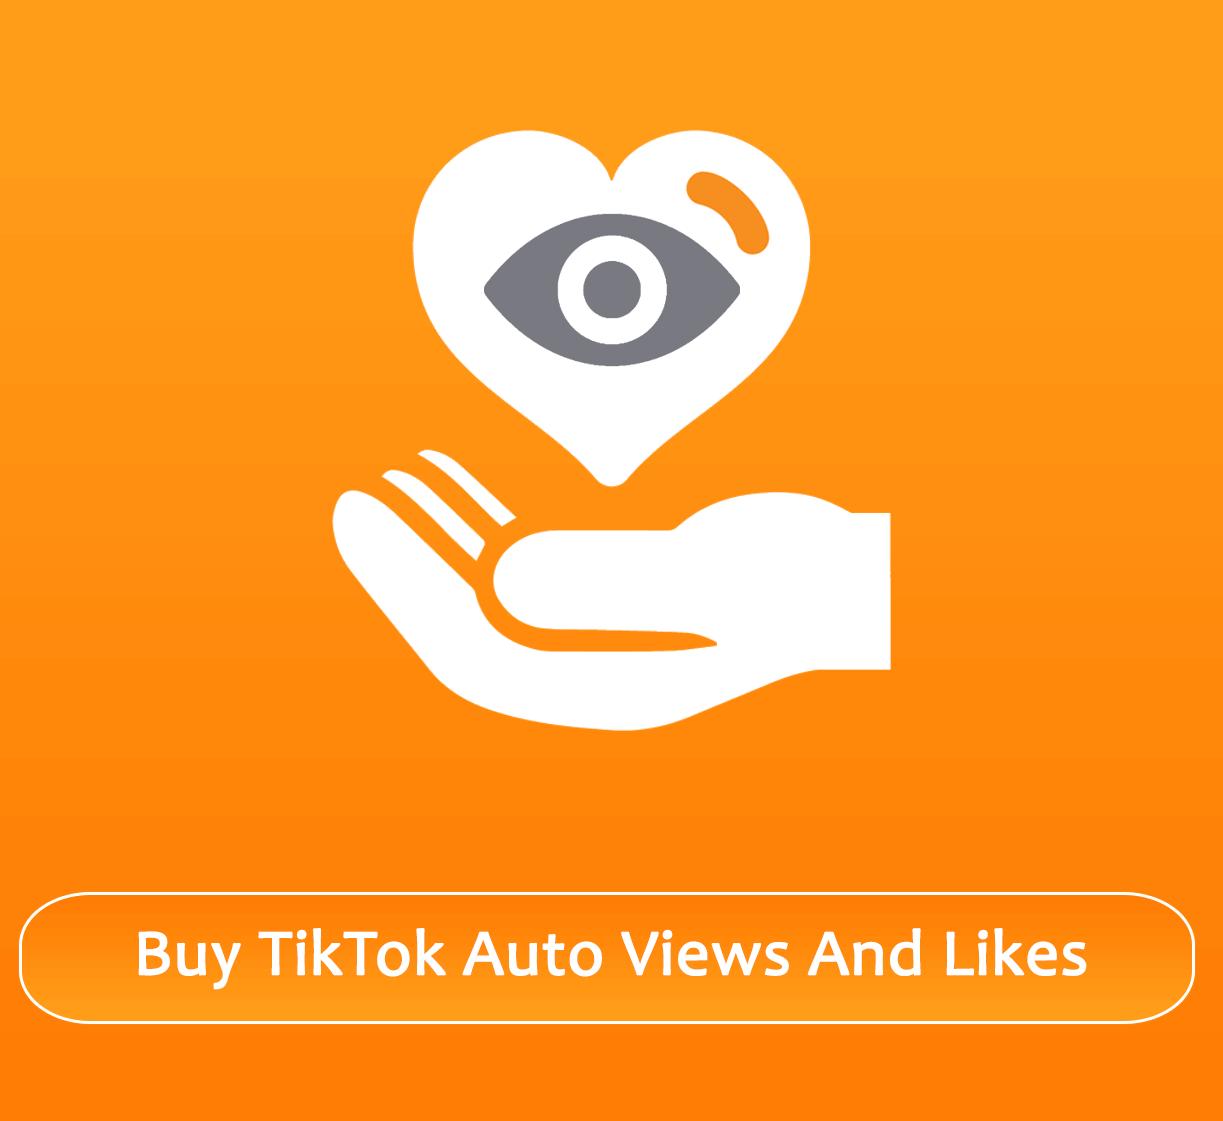 Buy TikTok Auto Views And Likes